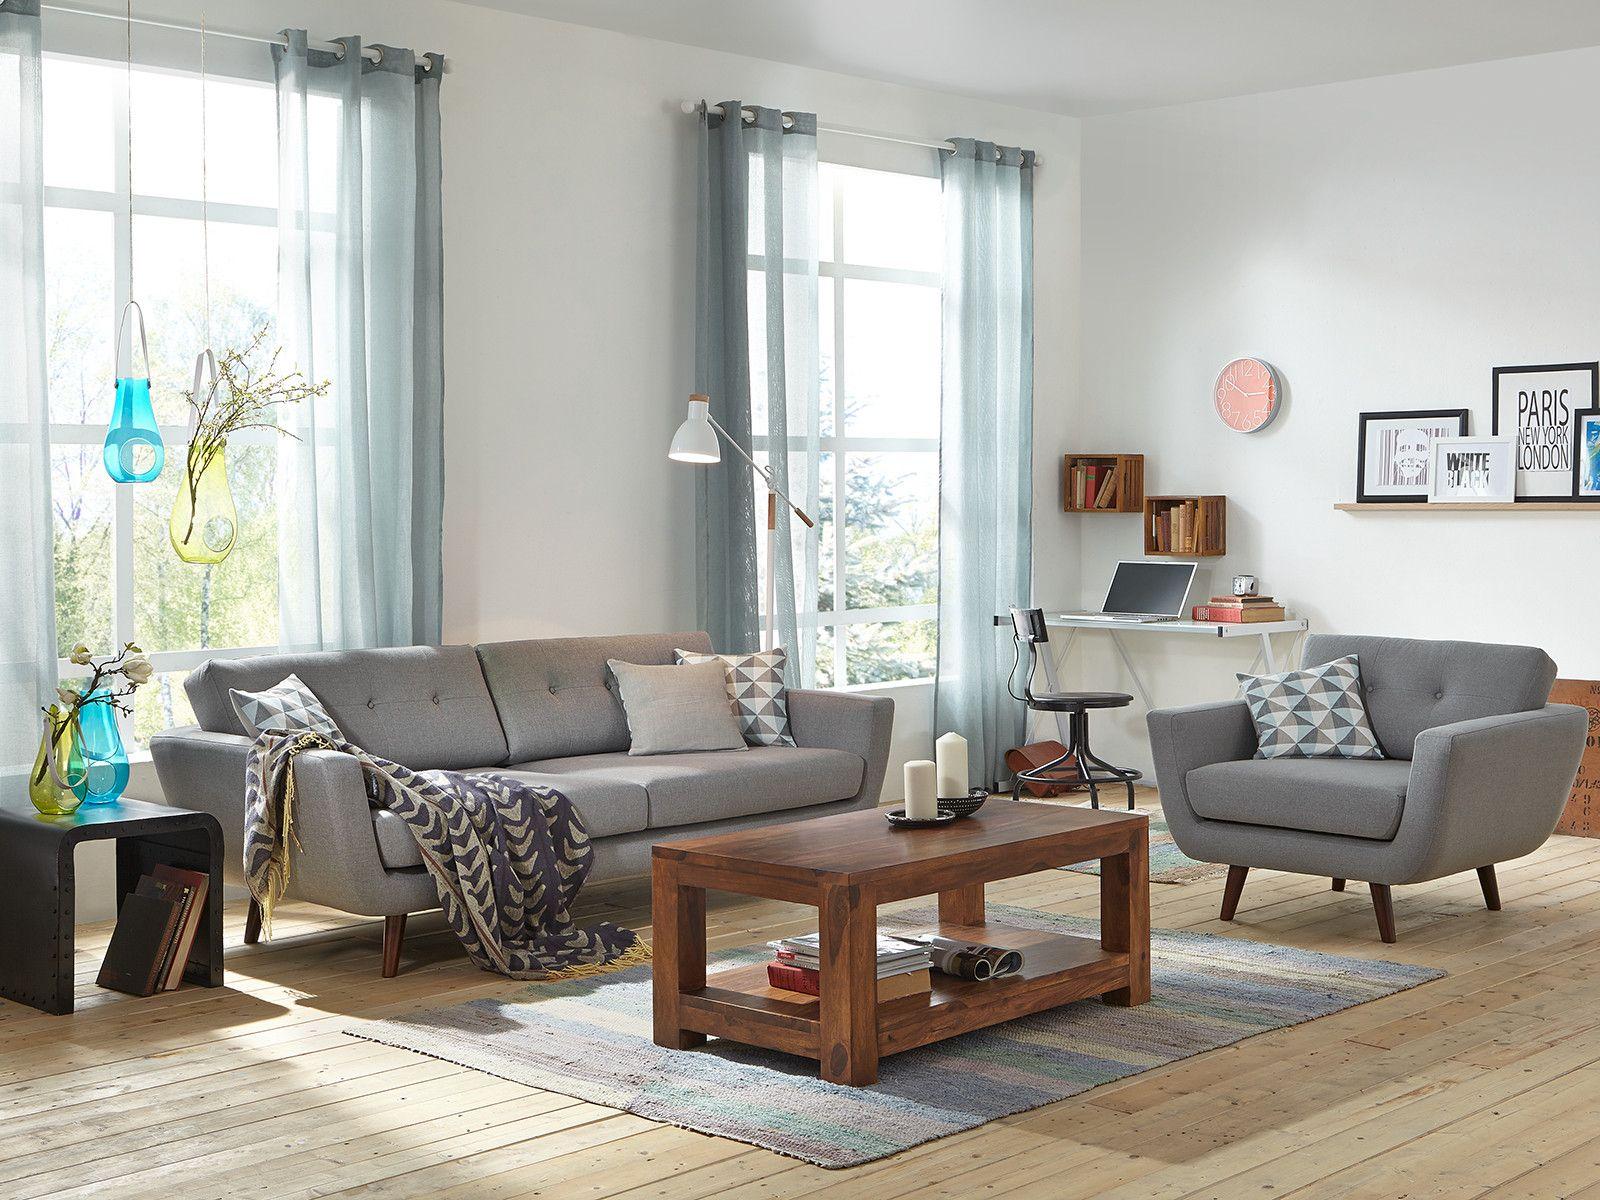 sofa vor fenster google suche wohnzimmer pinterest sch ne sofas sofa und fenster. Black Bedroom Furniture Sets. Home Design Ideas